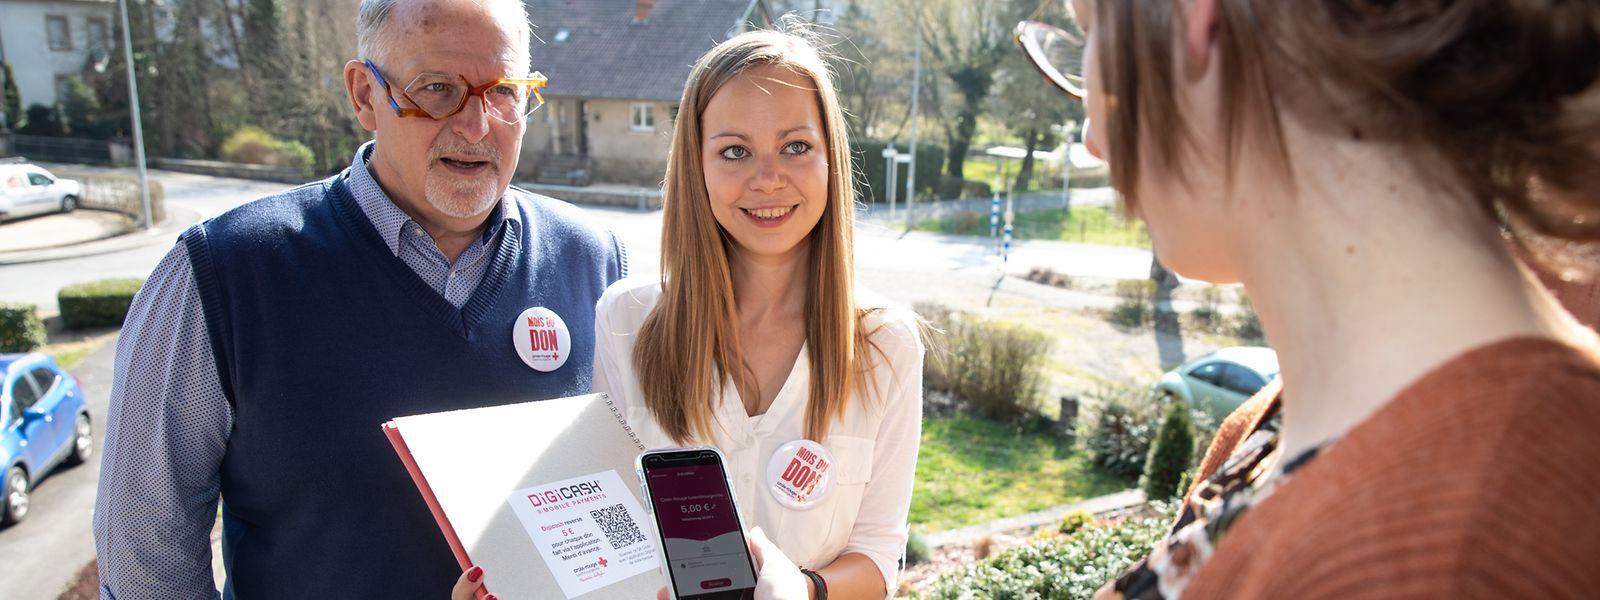 Nico Dhamen (l.) und Anne Gruber ziehen im April durch Fels und Ernzen, um als ehrenamtliche Botschafter des Luxemburger Roten Kreuzes um finanzielle Unterstützung zu bitten.